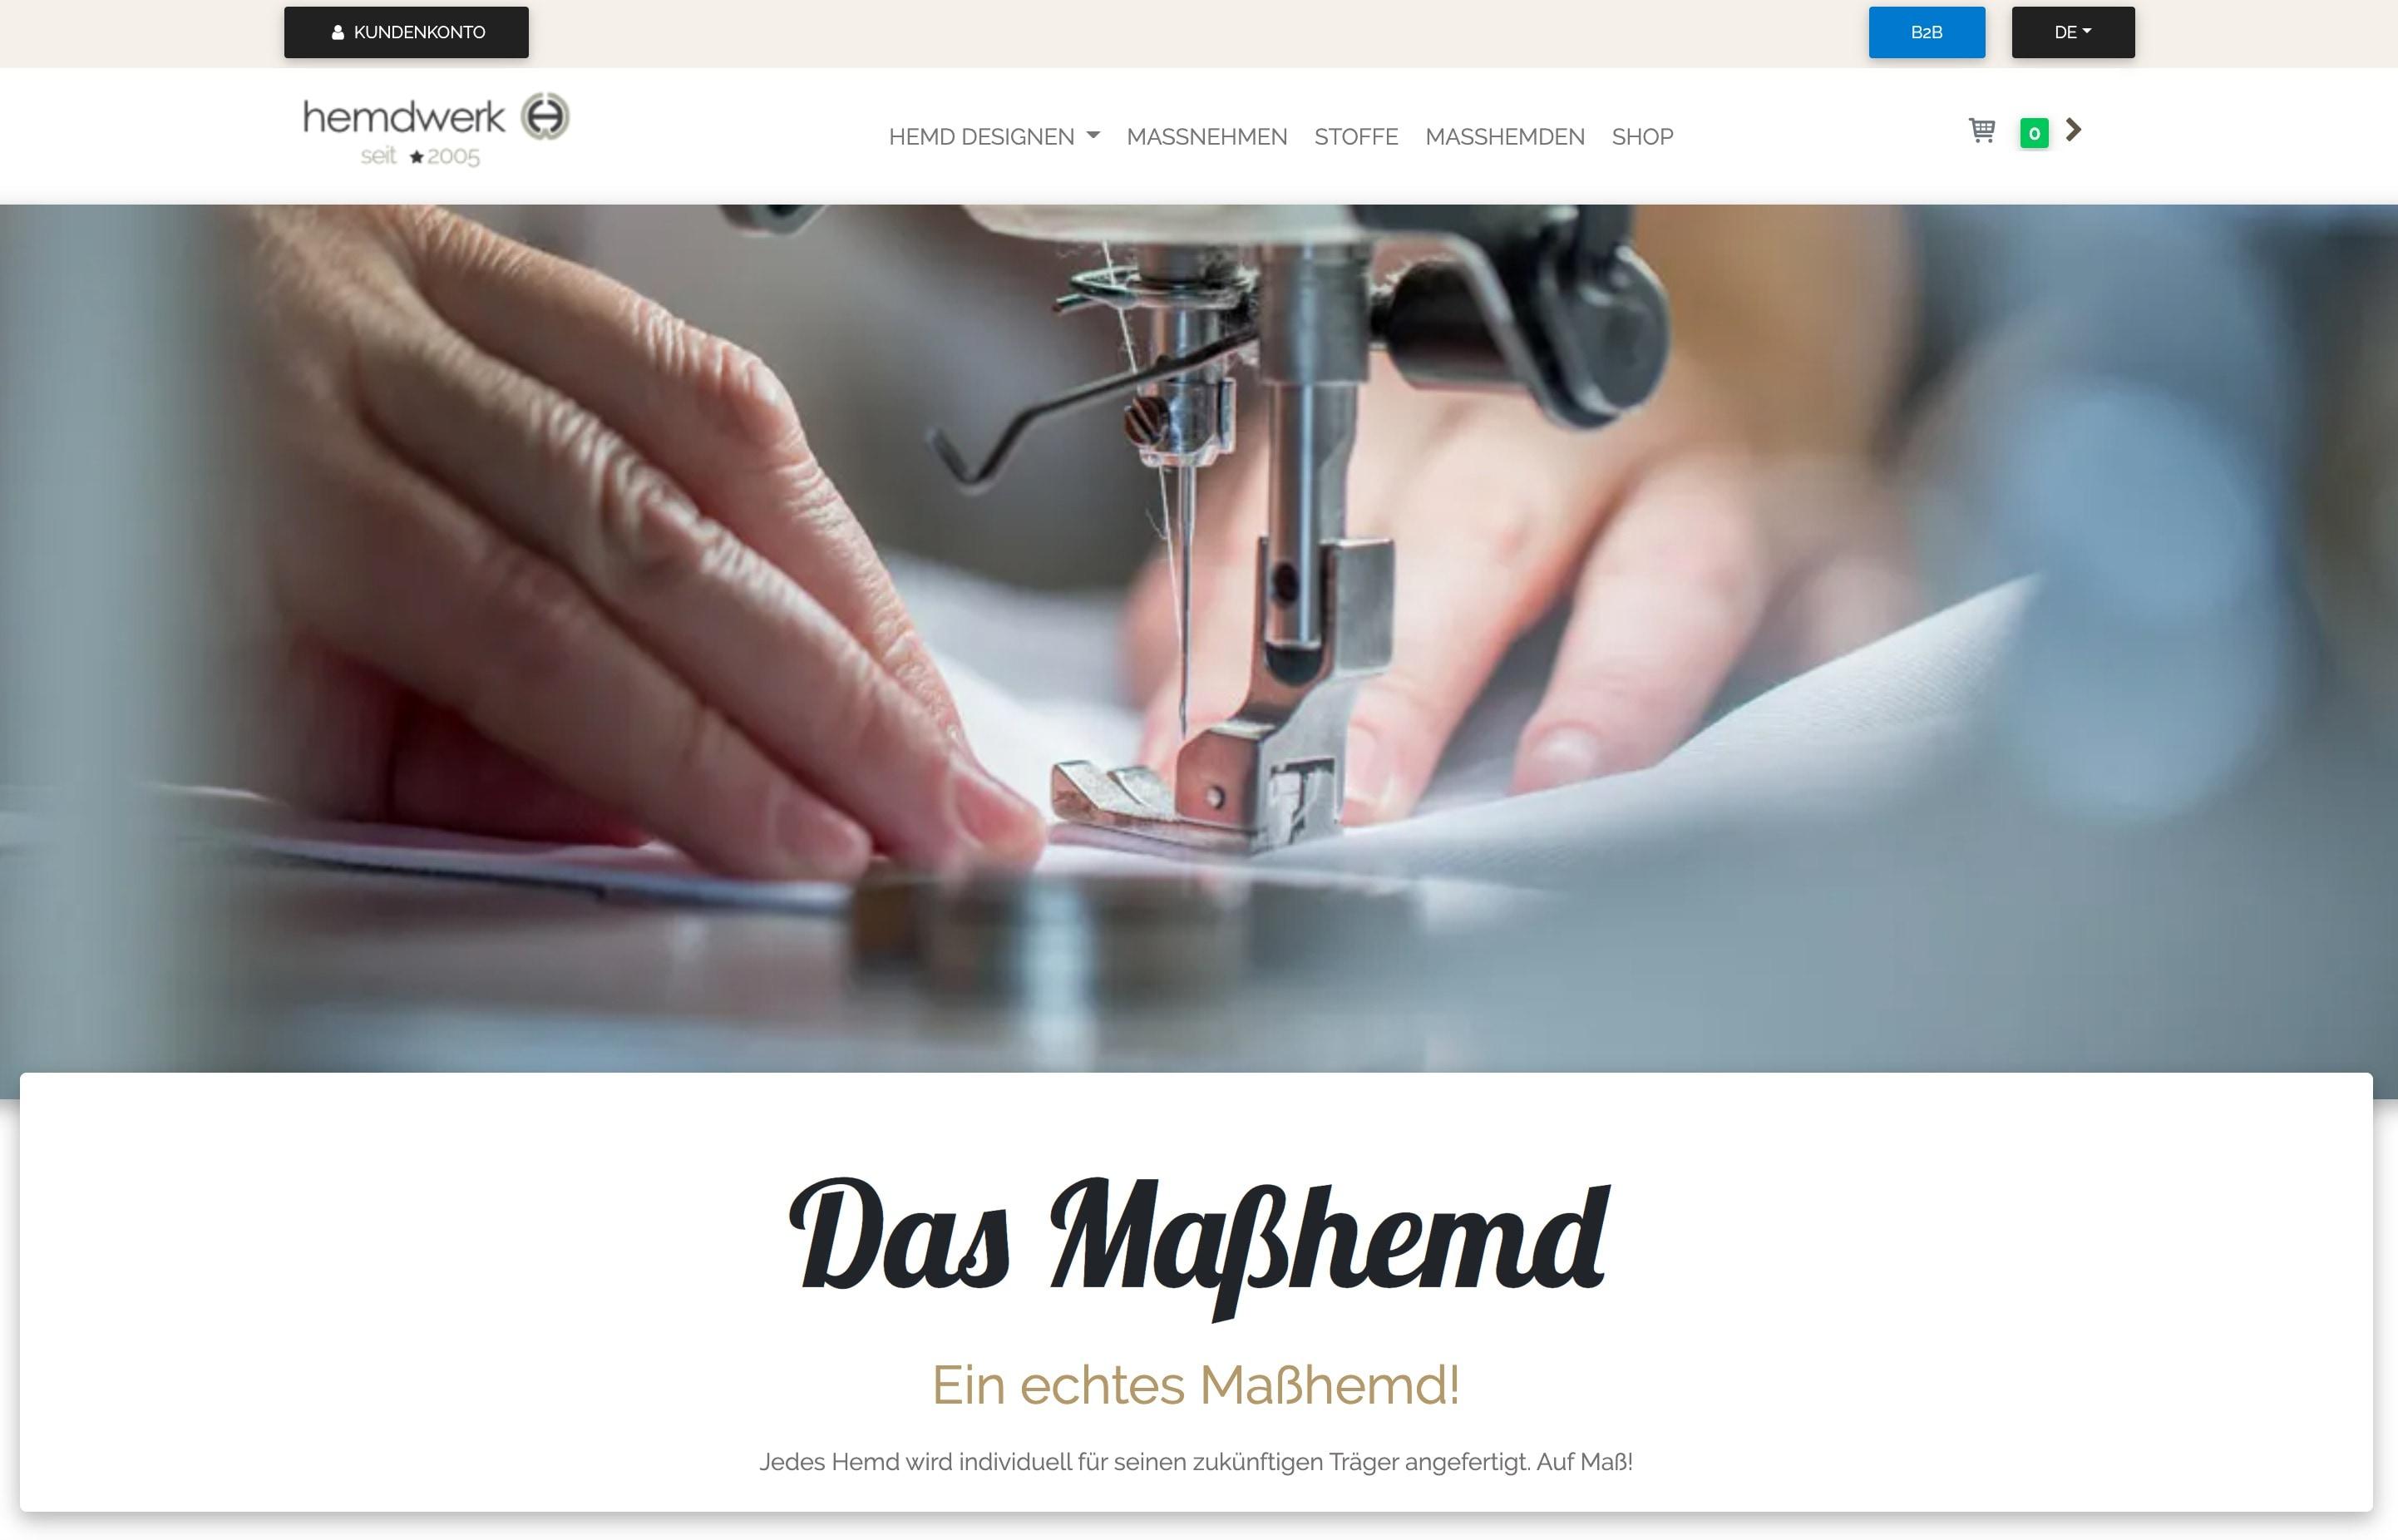 hemdwerk Online-Shop